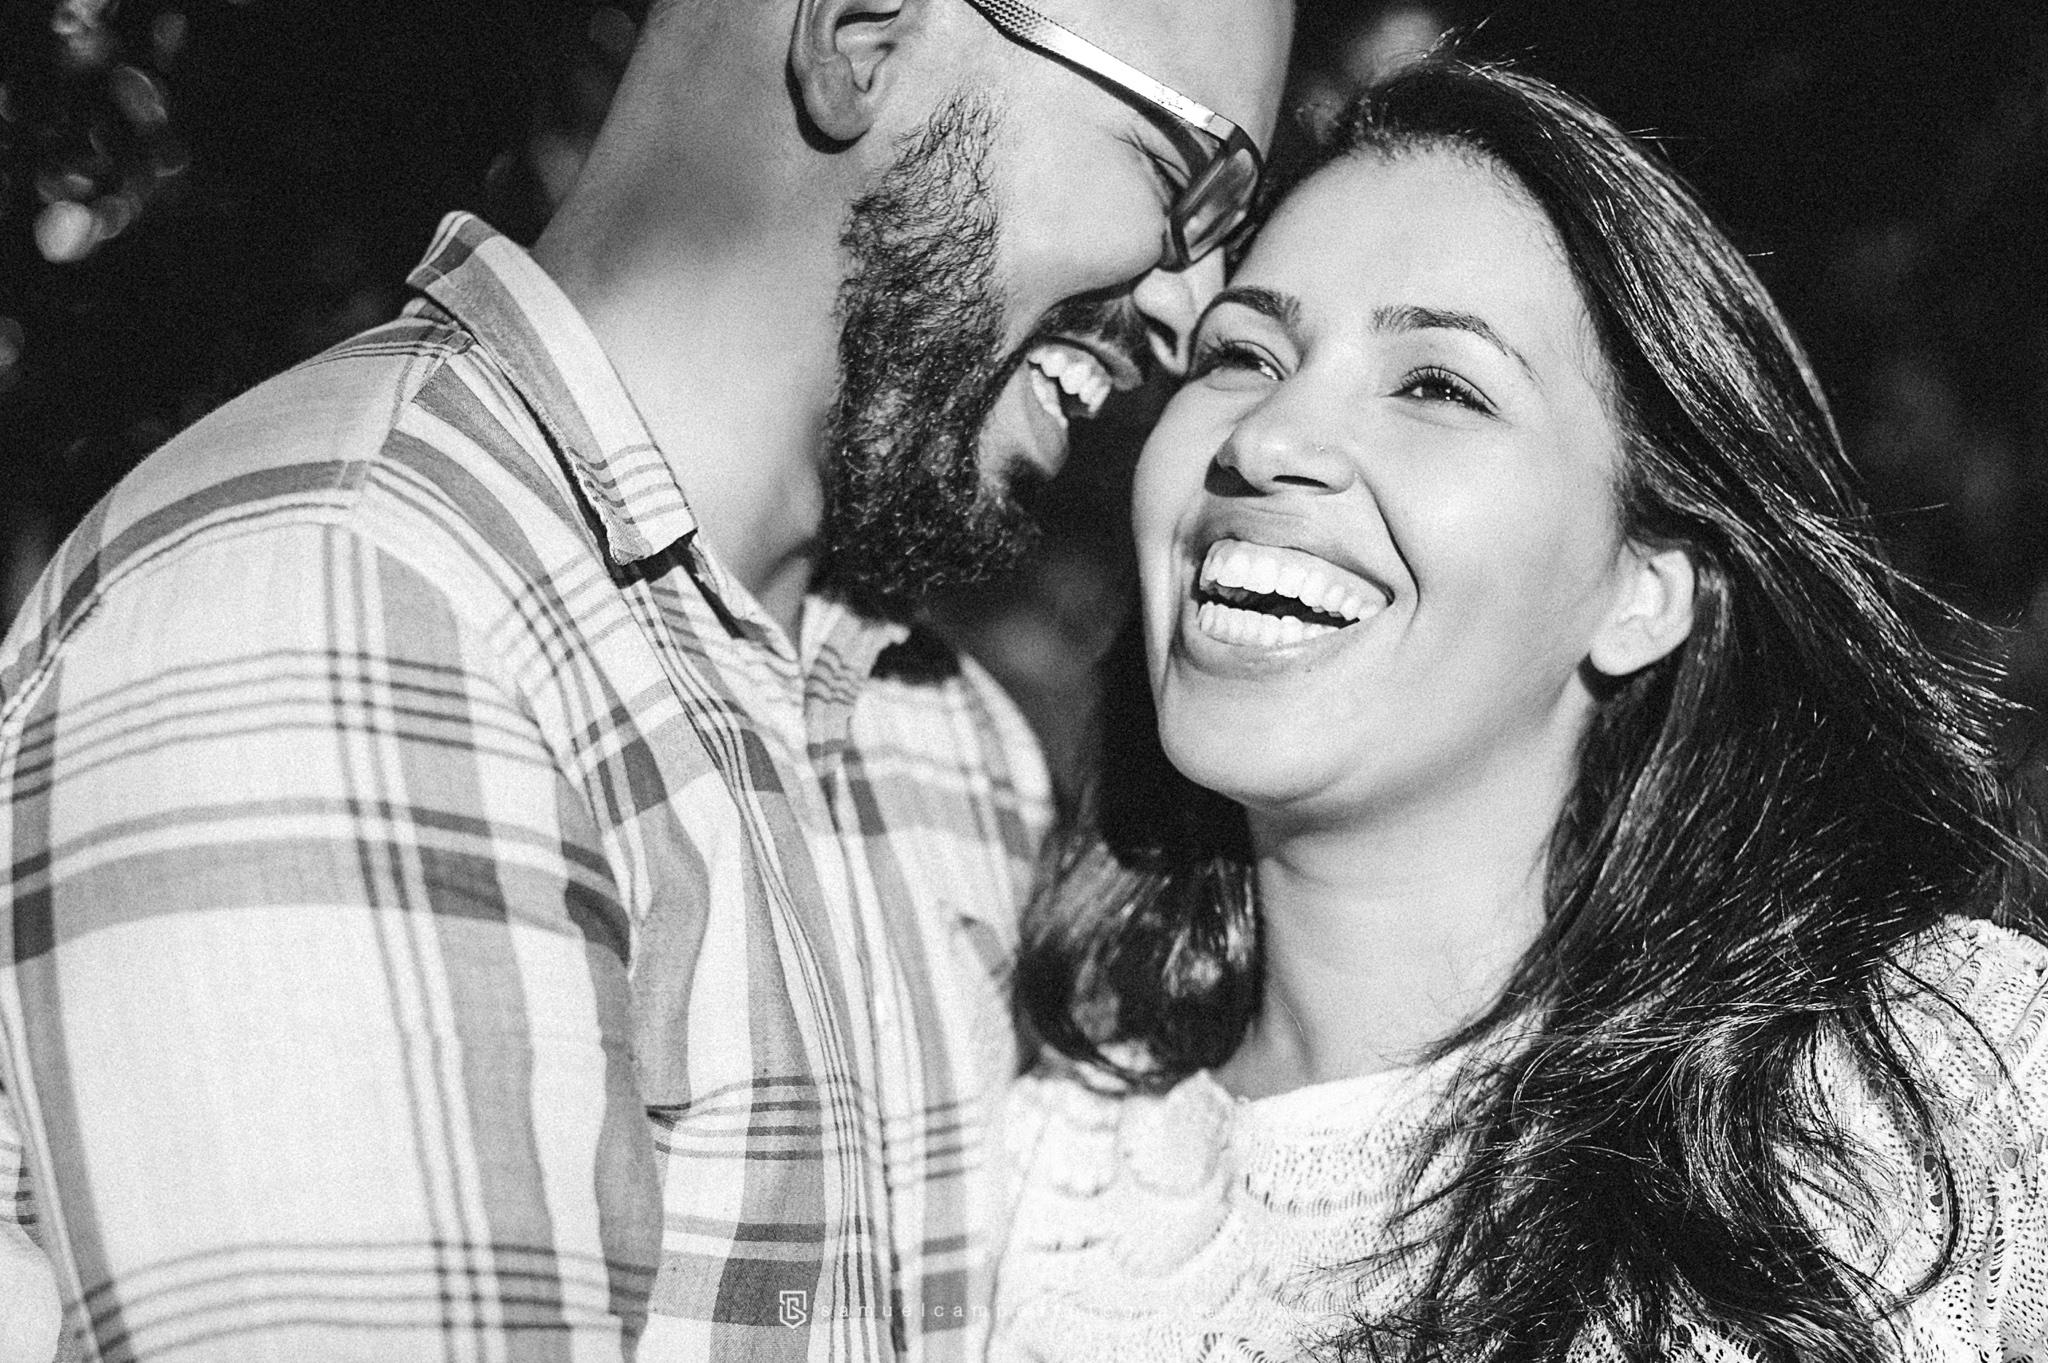 Sobre Fotógrafo de casamento  | Samuel Campos Fotografia | Fotografia Documental | Fotos de casamento São Paulo SP,ABC,RJ,MG,DF, Brasil